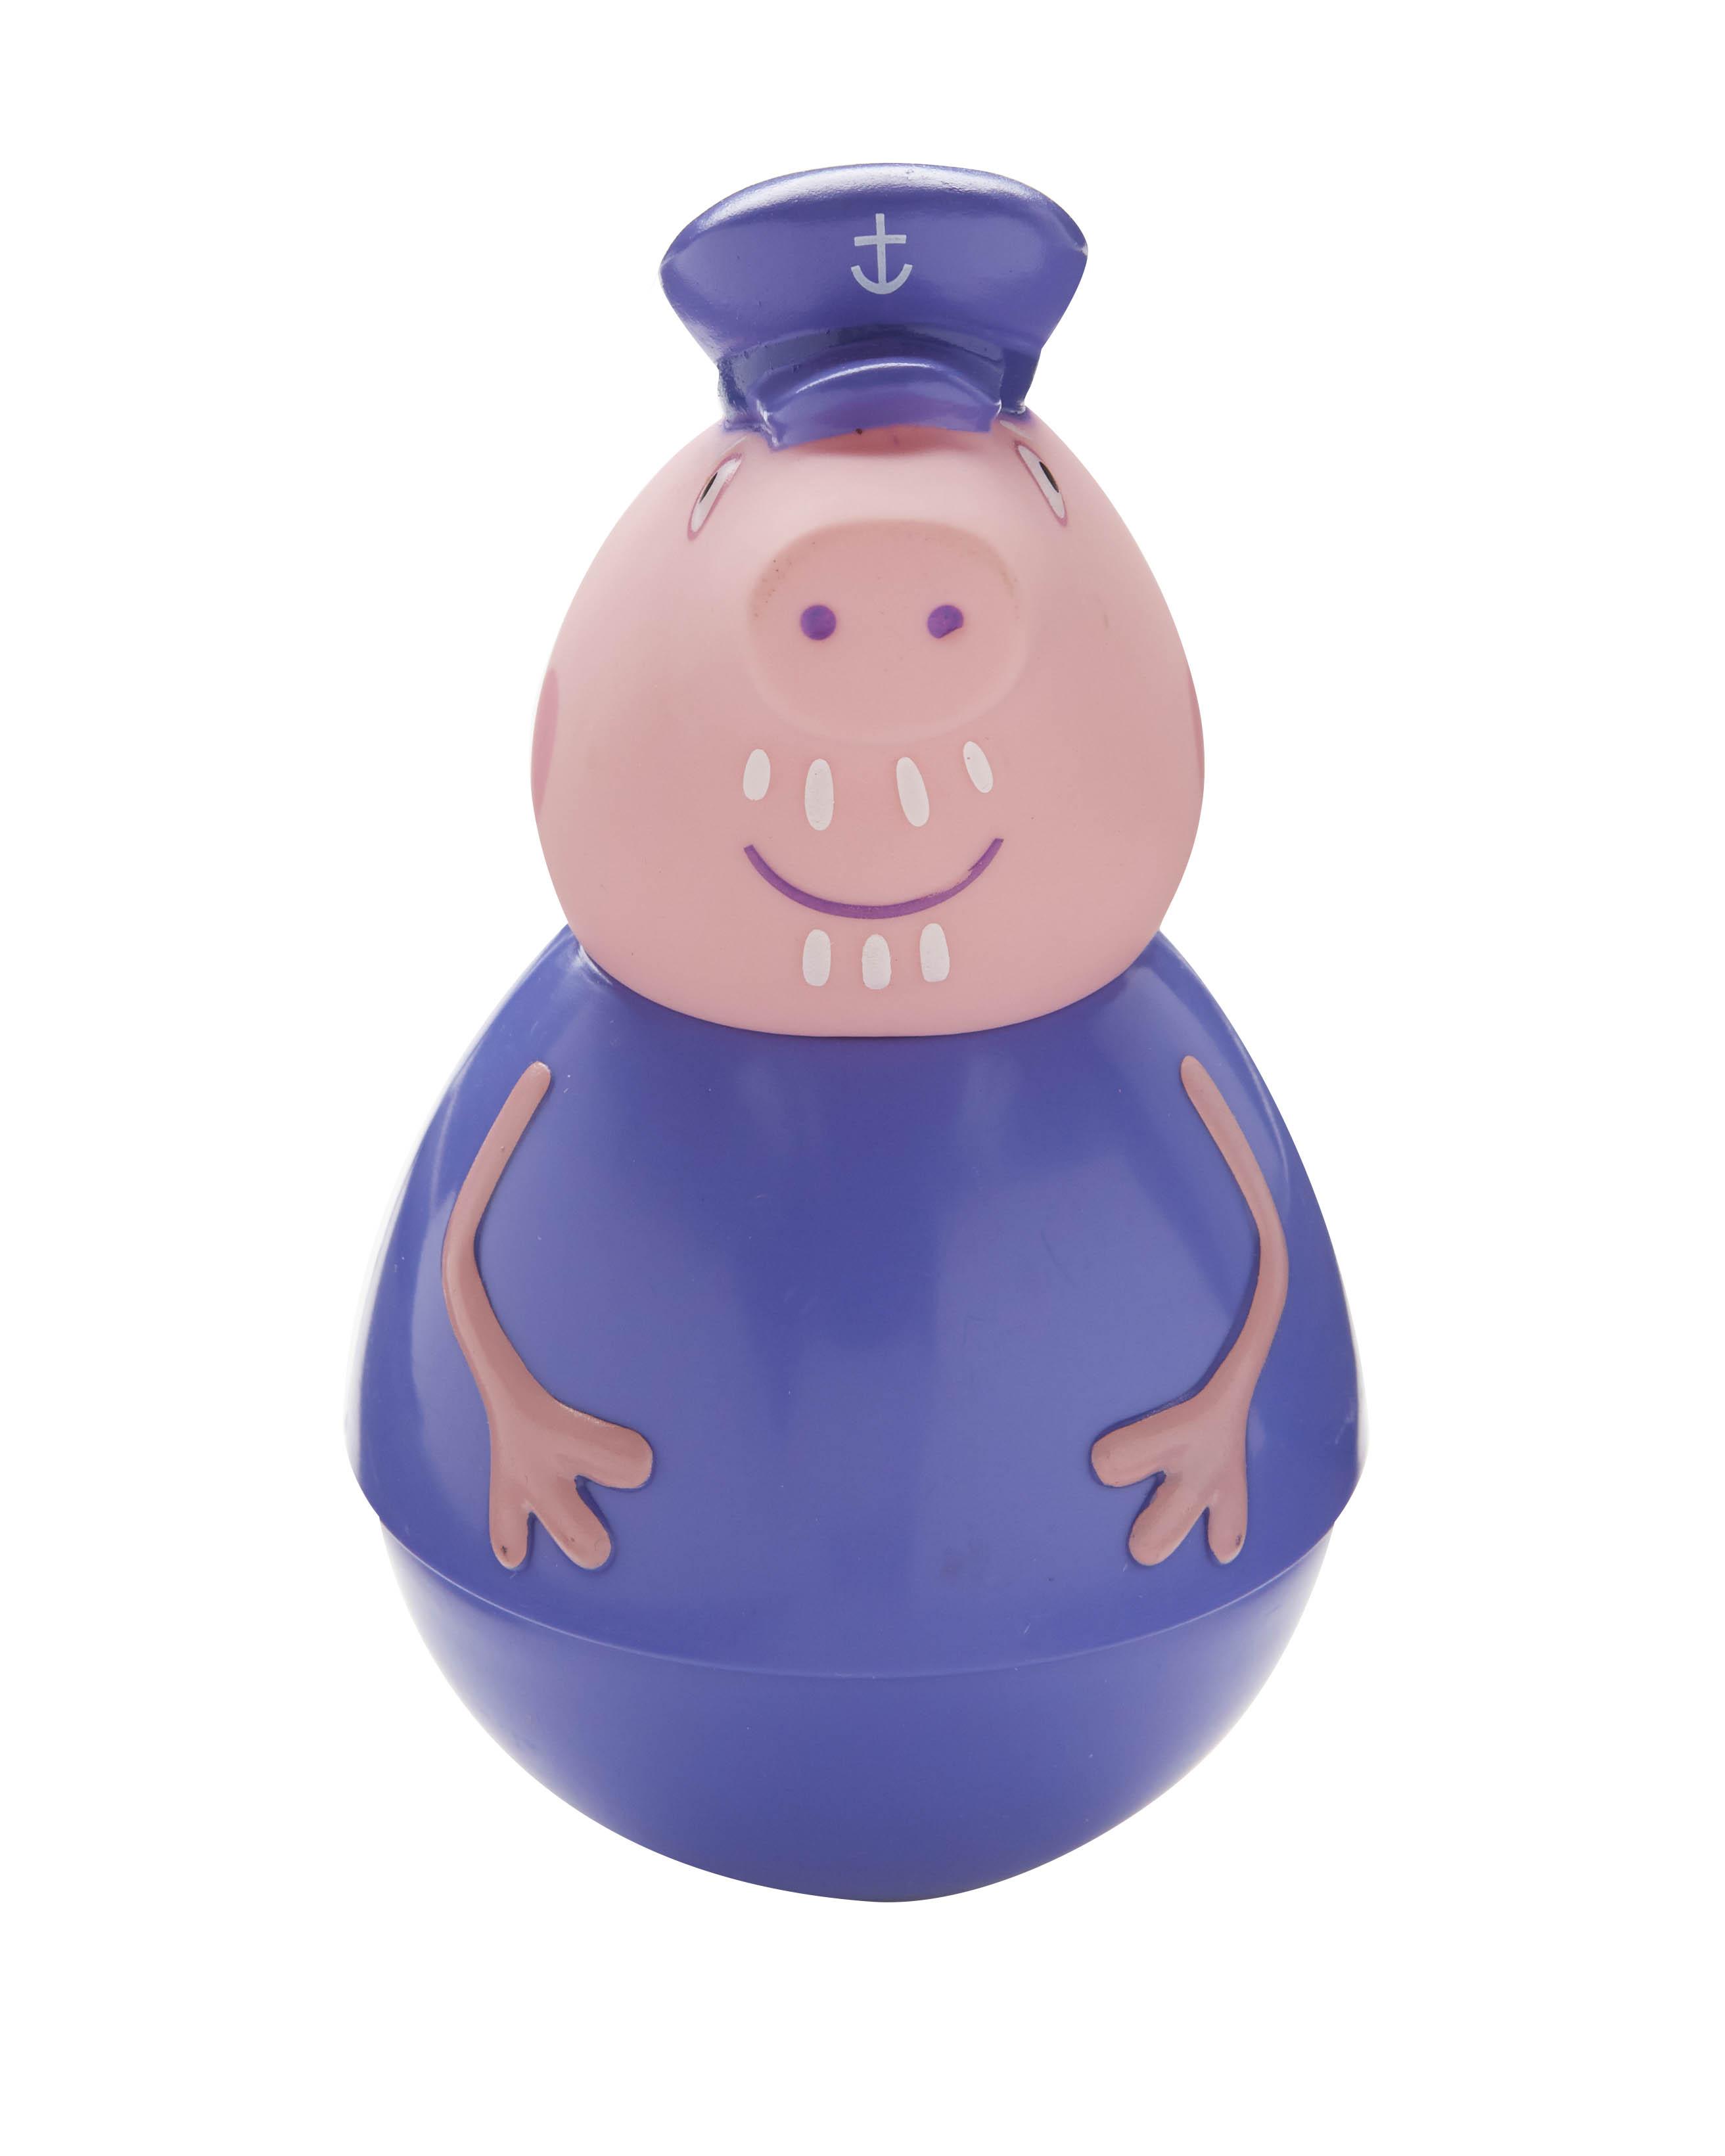 Фигурка-неваляшка Weebles «Дедушка Пеппы» тм Peppa PigСвинка Пеппа Peppa Pig<br>Фигурка-неваляшка Weebles «Дедушка Пеппы» тм Peppa Pig<br>